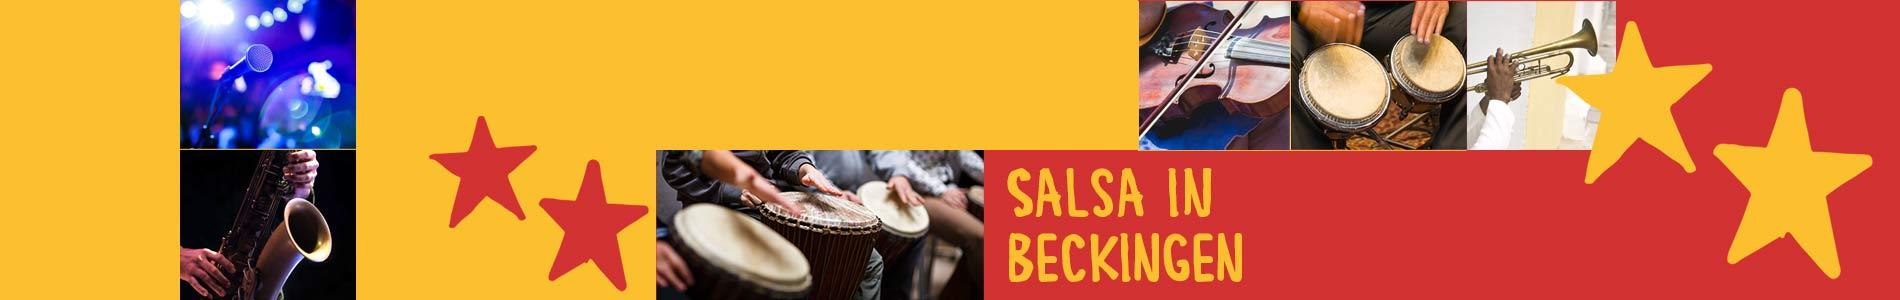 Salsa in Beckingen – Salsa lernen und tanzen, Tanzkurse, Partys, Veranstaltungen